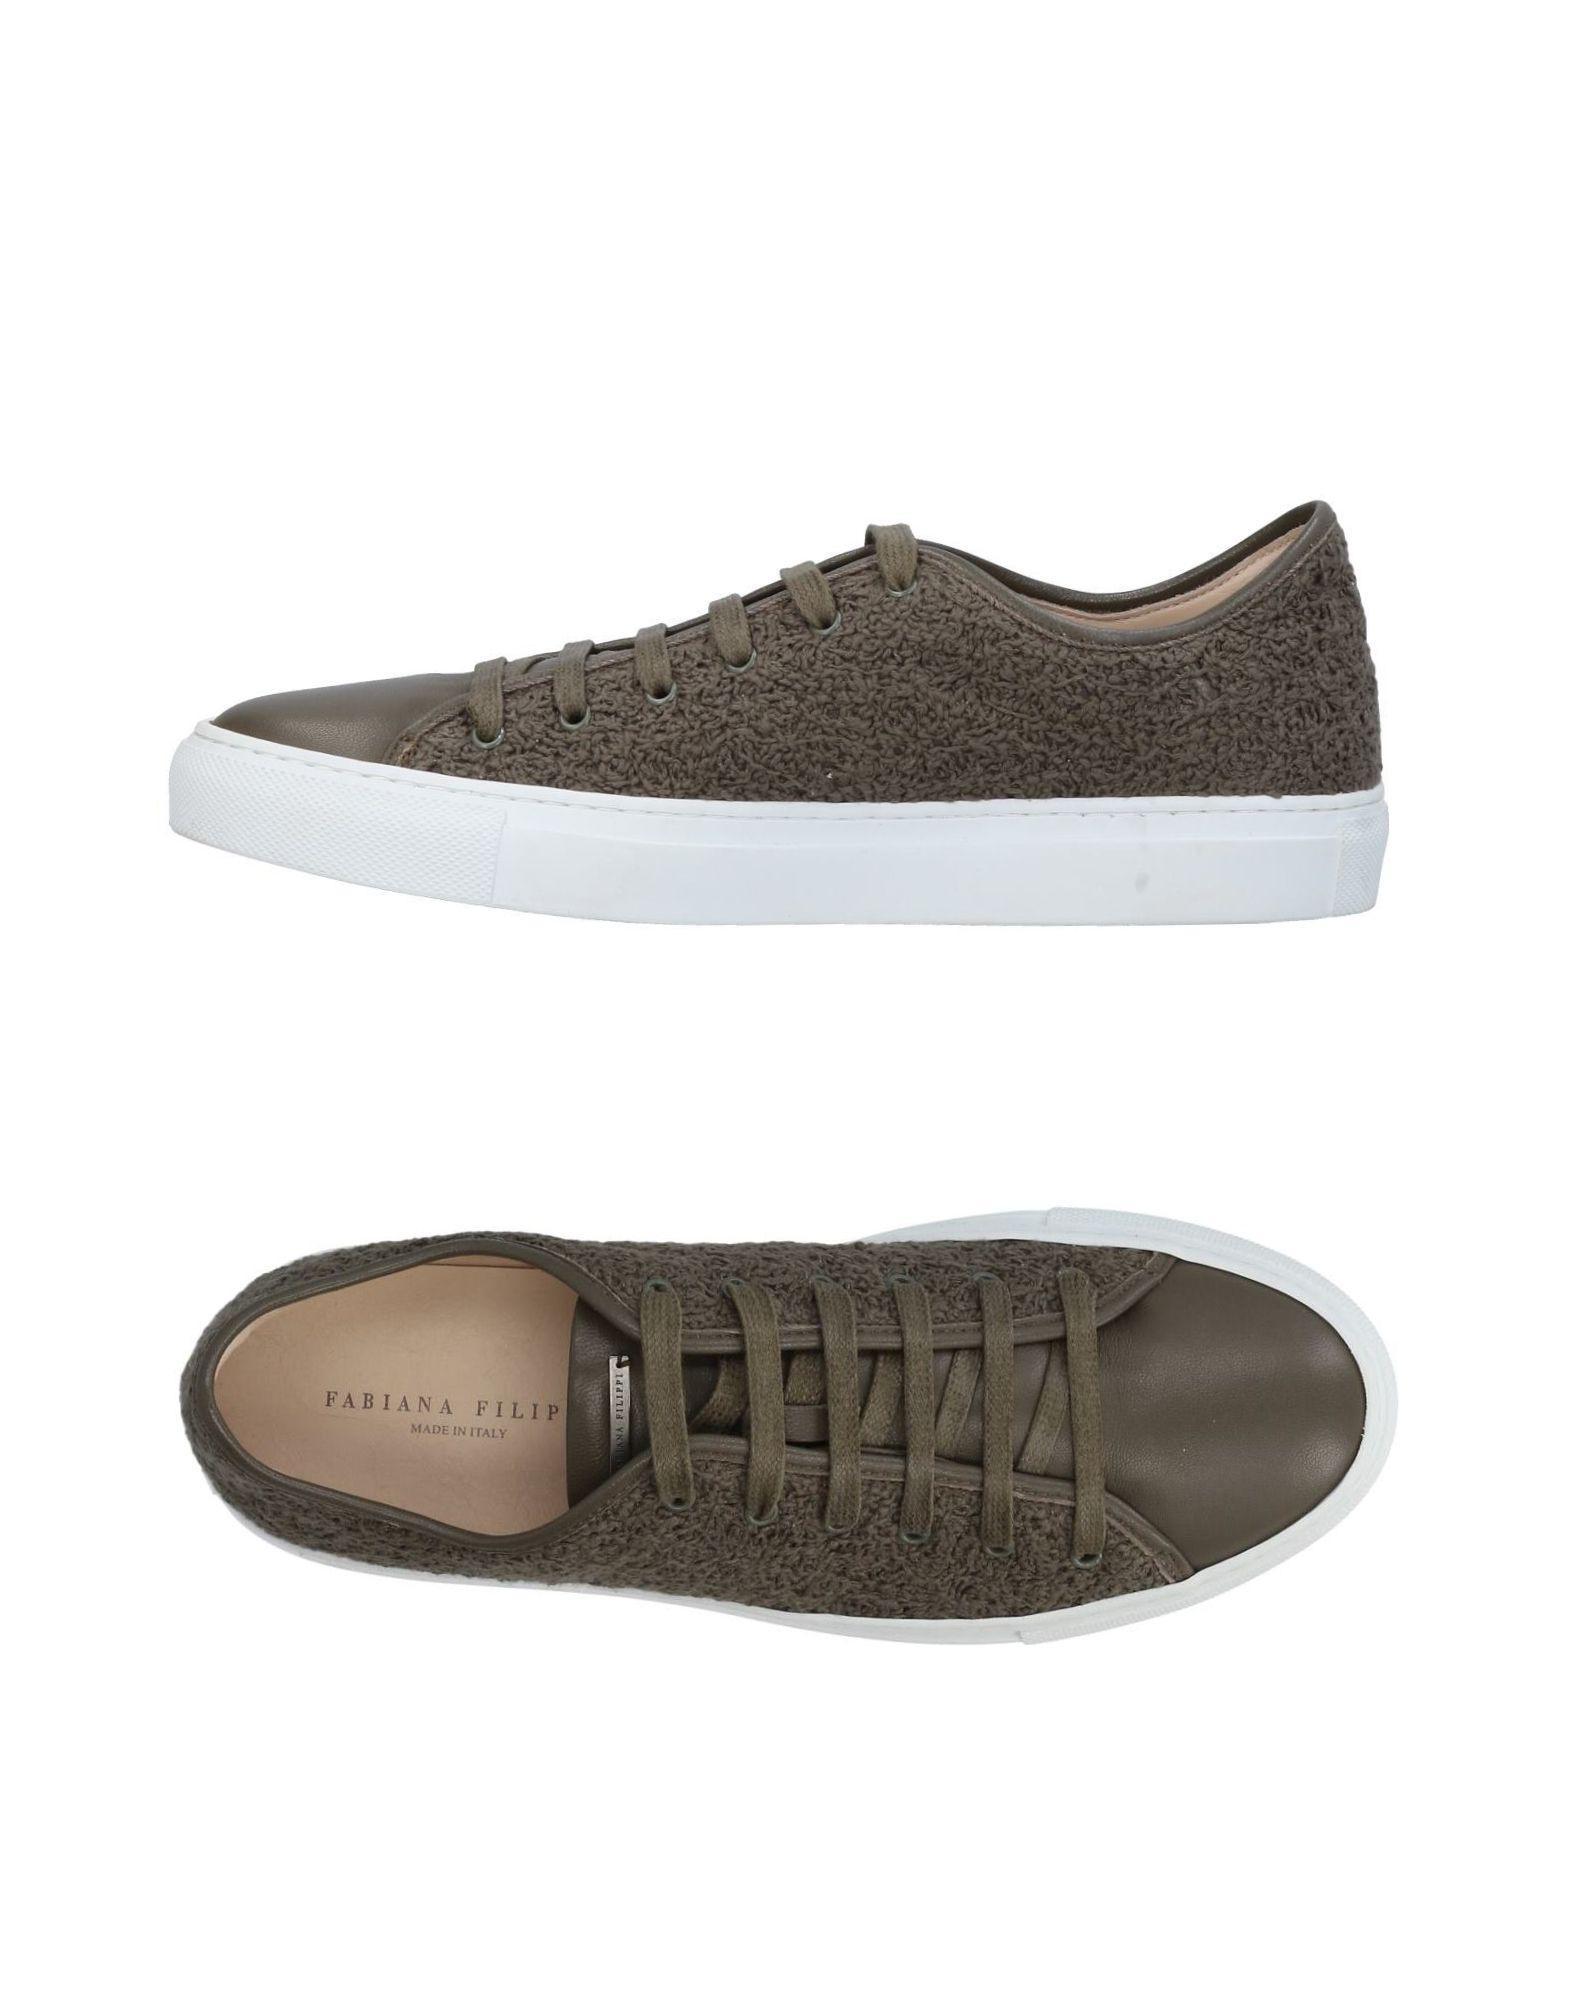 FOOTWEAR - Low-tops & sneakers Fabiana Filippi BZ2ipBFH